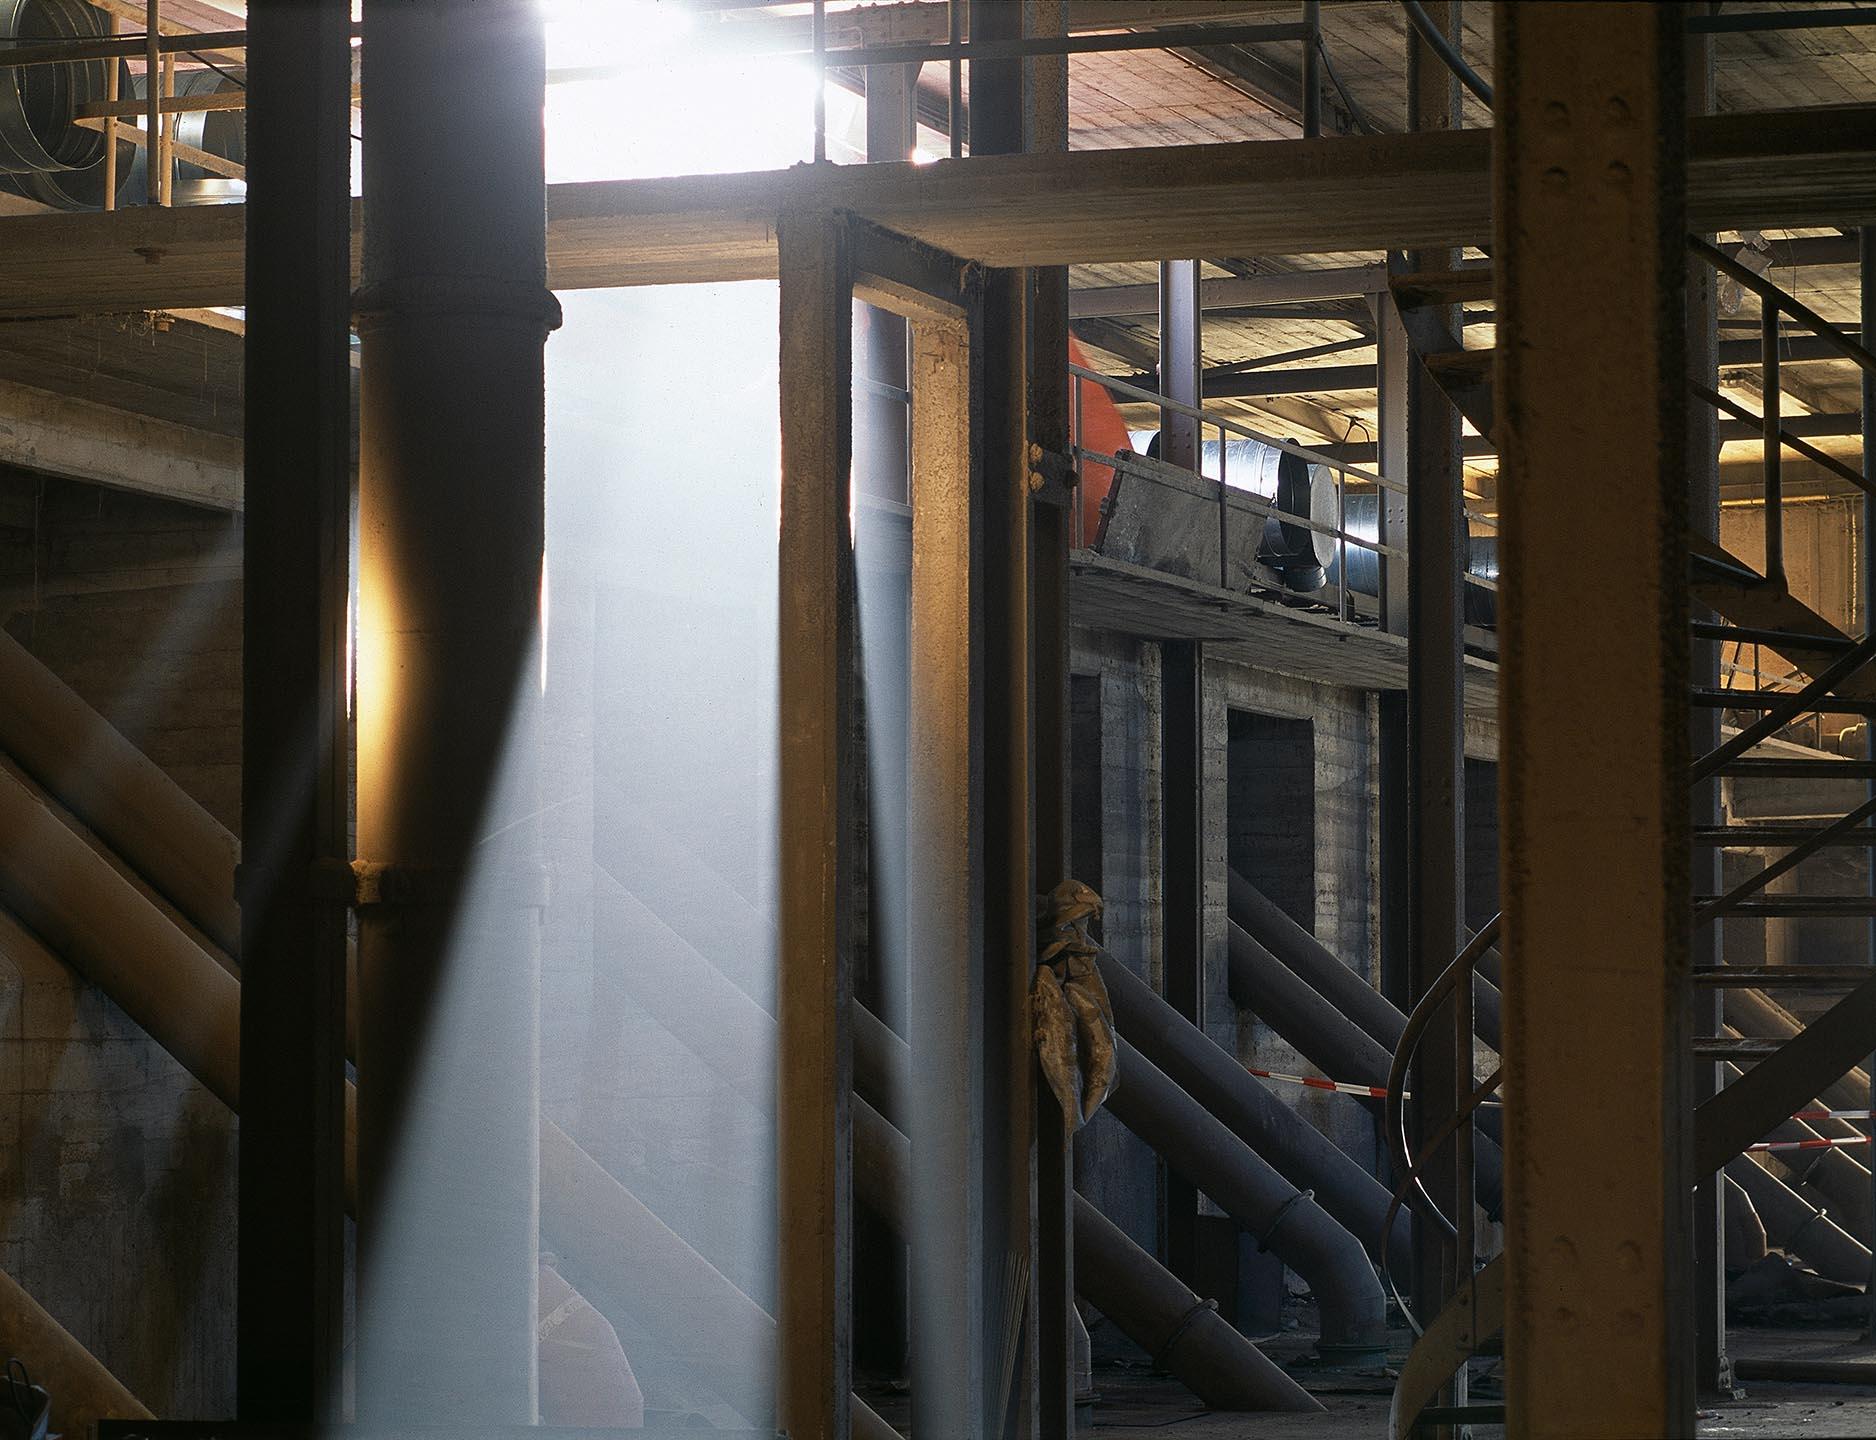 maassilo 10e verdieping